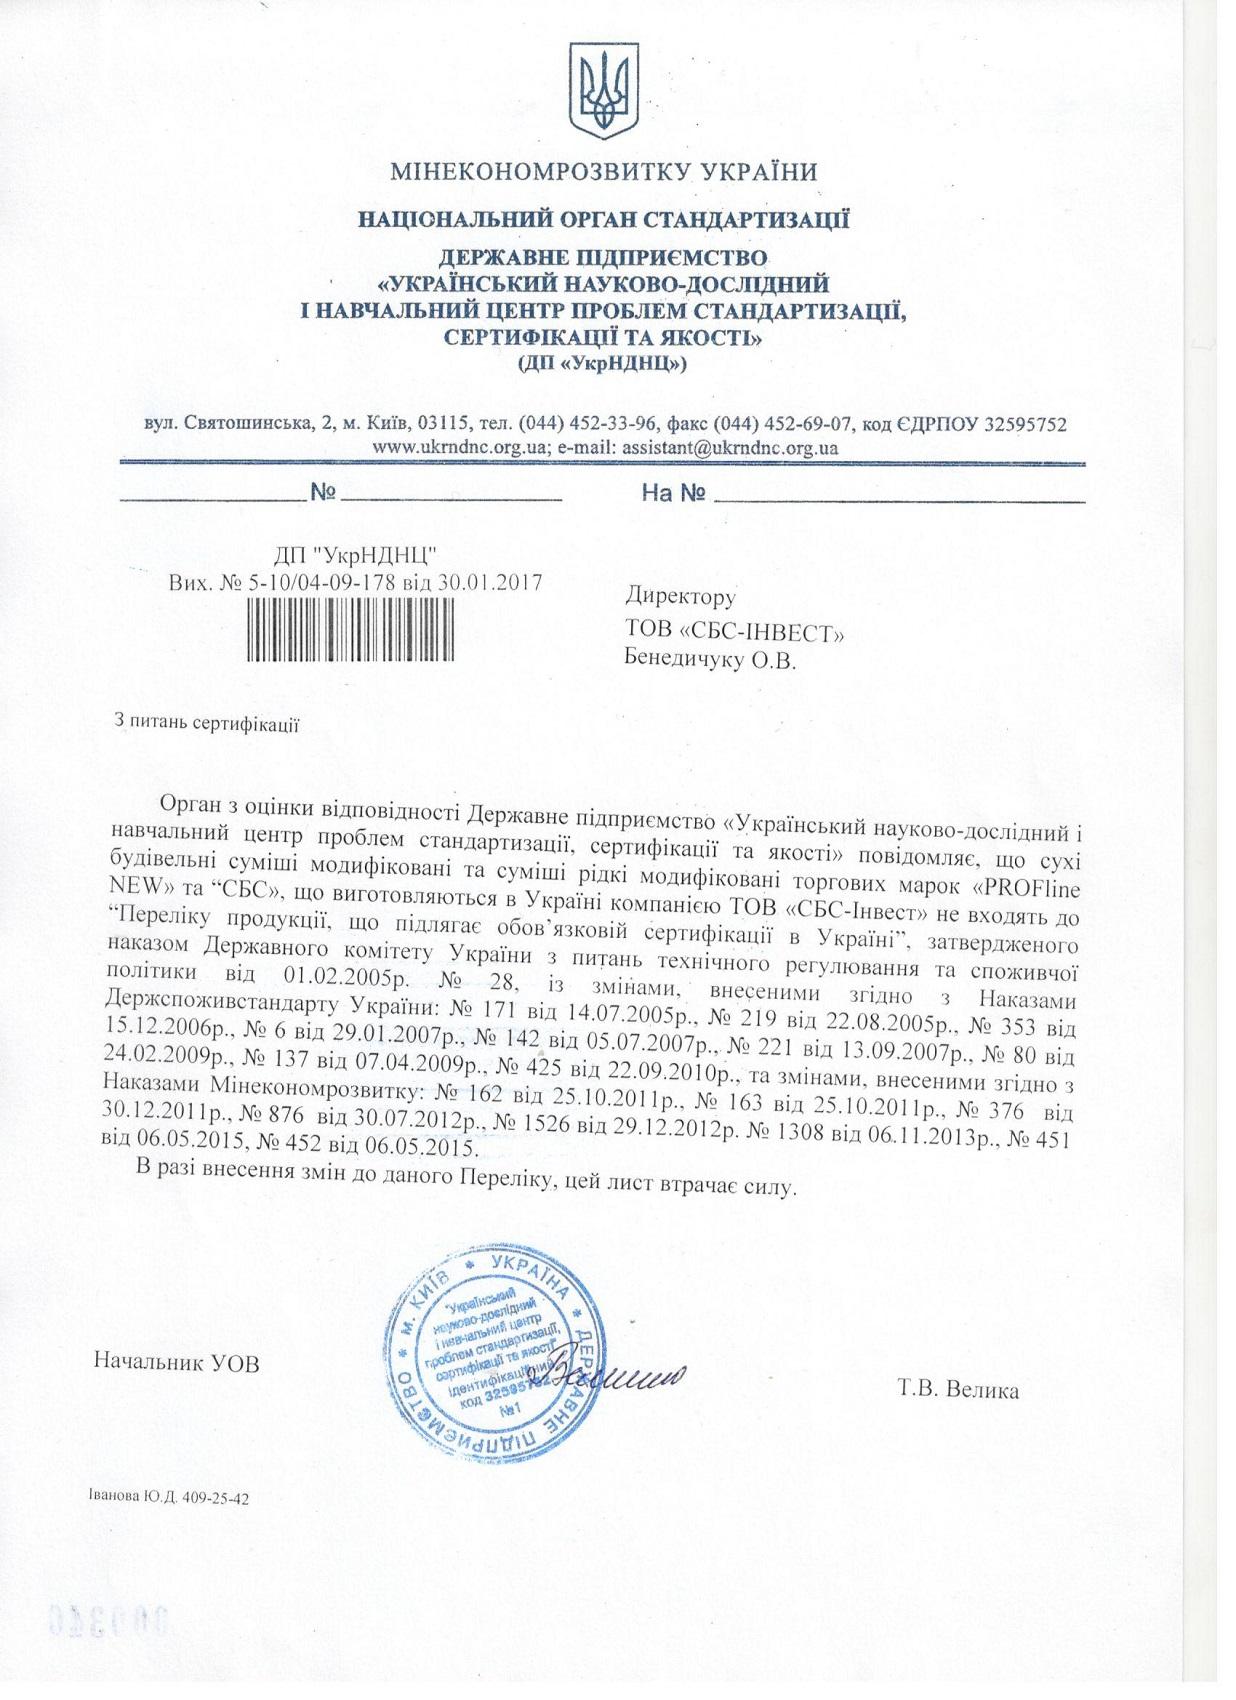 Лист про сертифікацію